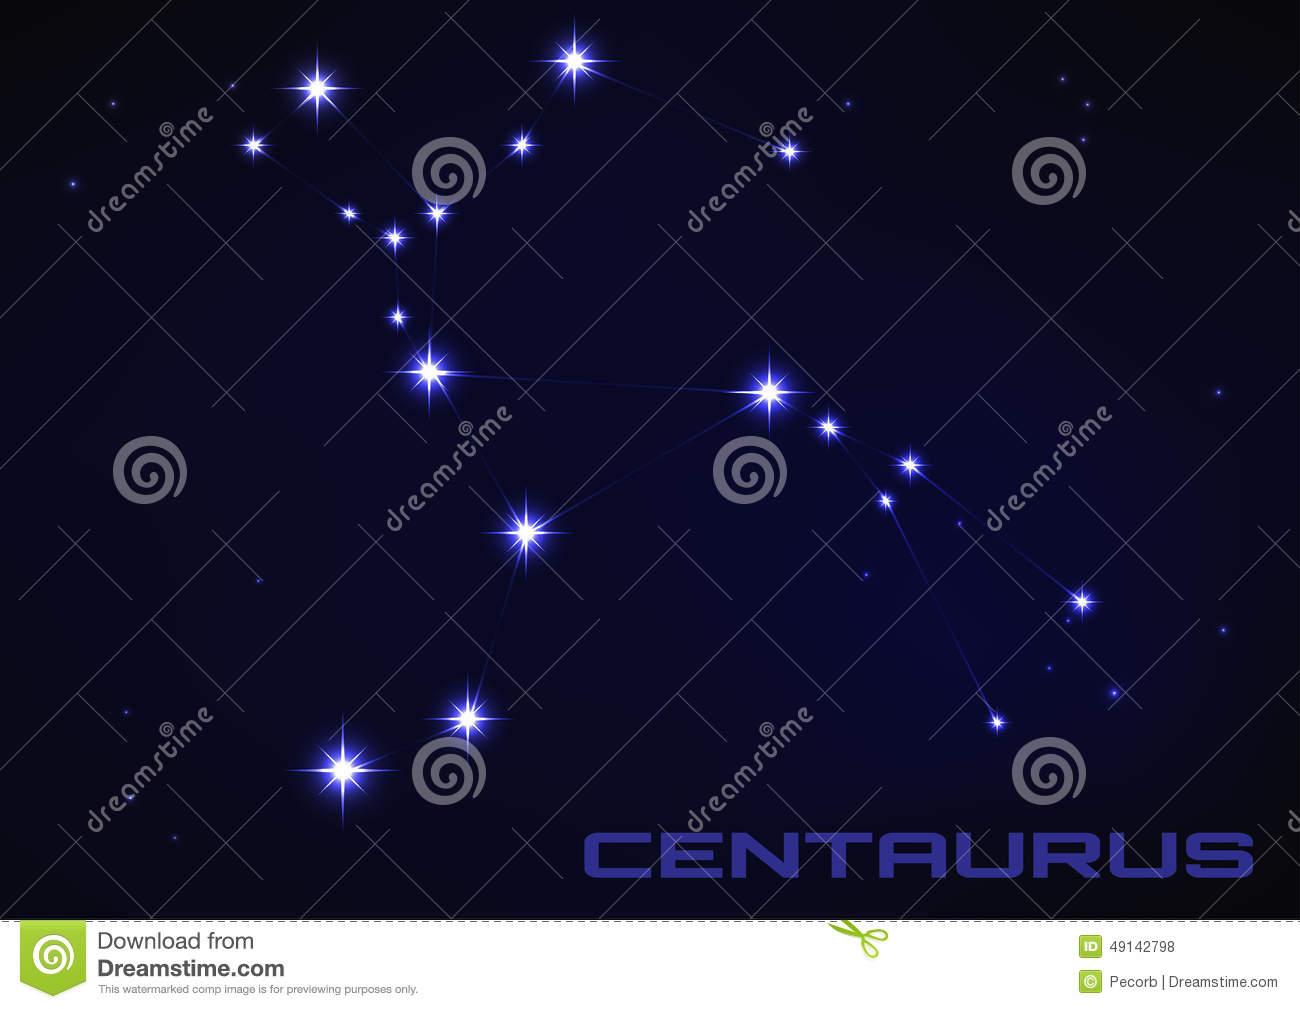 Centaurus constellation clipart #14